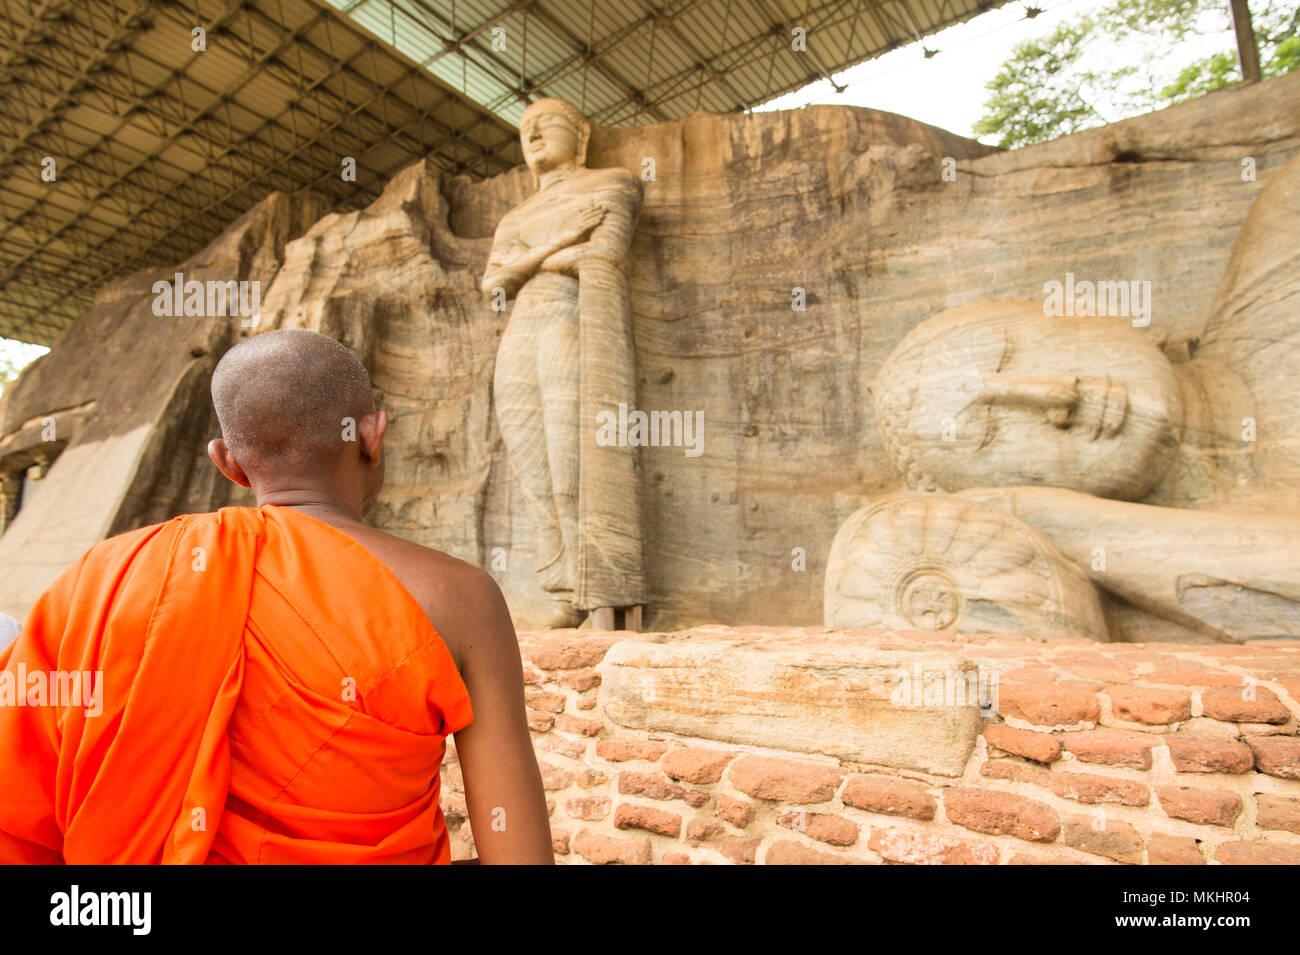 Ein Mönch ist zu Fuß vor der Statue des Liegenden Buddha und Mönch Ananda in das Gesicht von Granitfelsen der Gal Viharaya, Polonnaruwa, Sri Lanka. Stockfoto